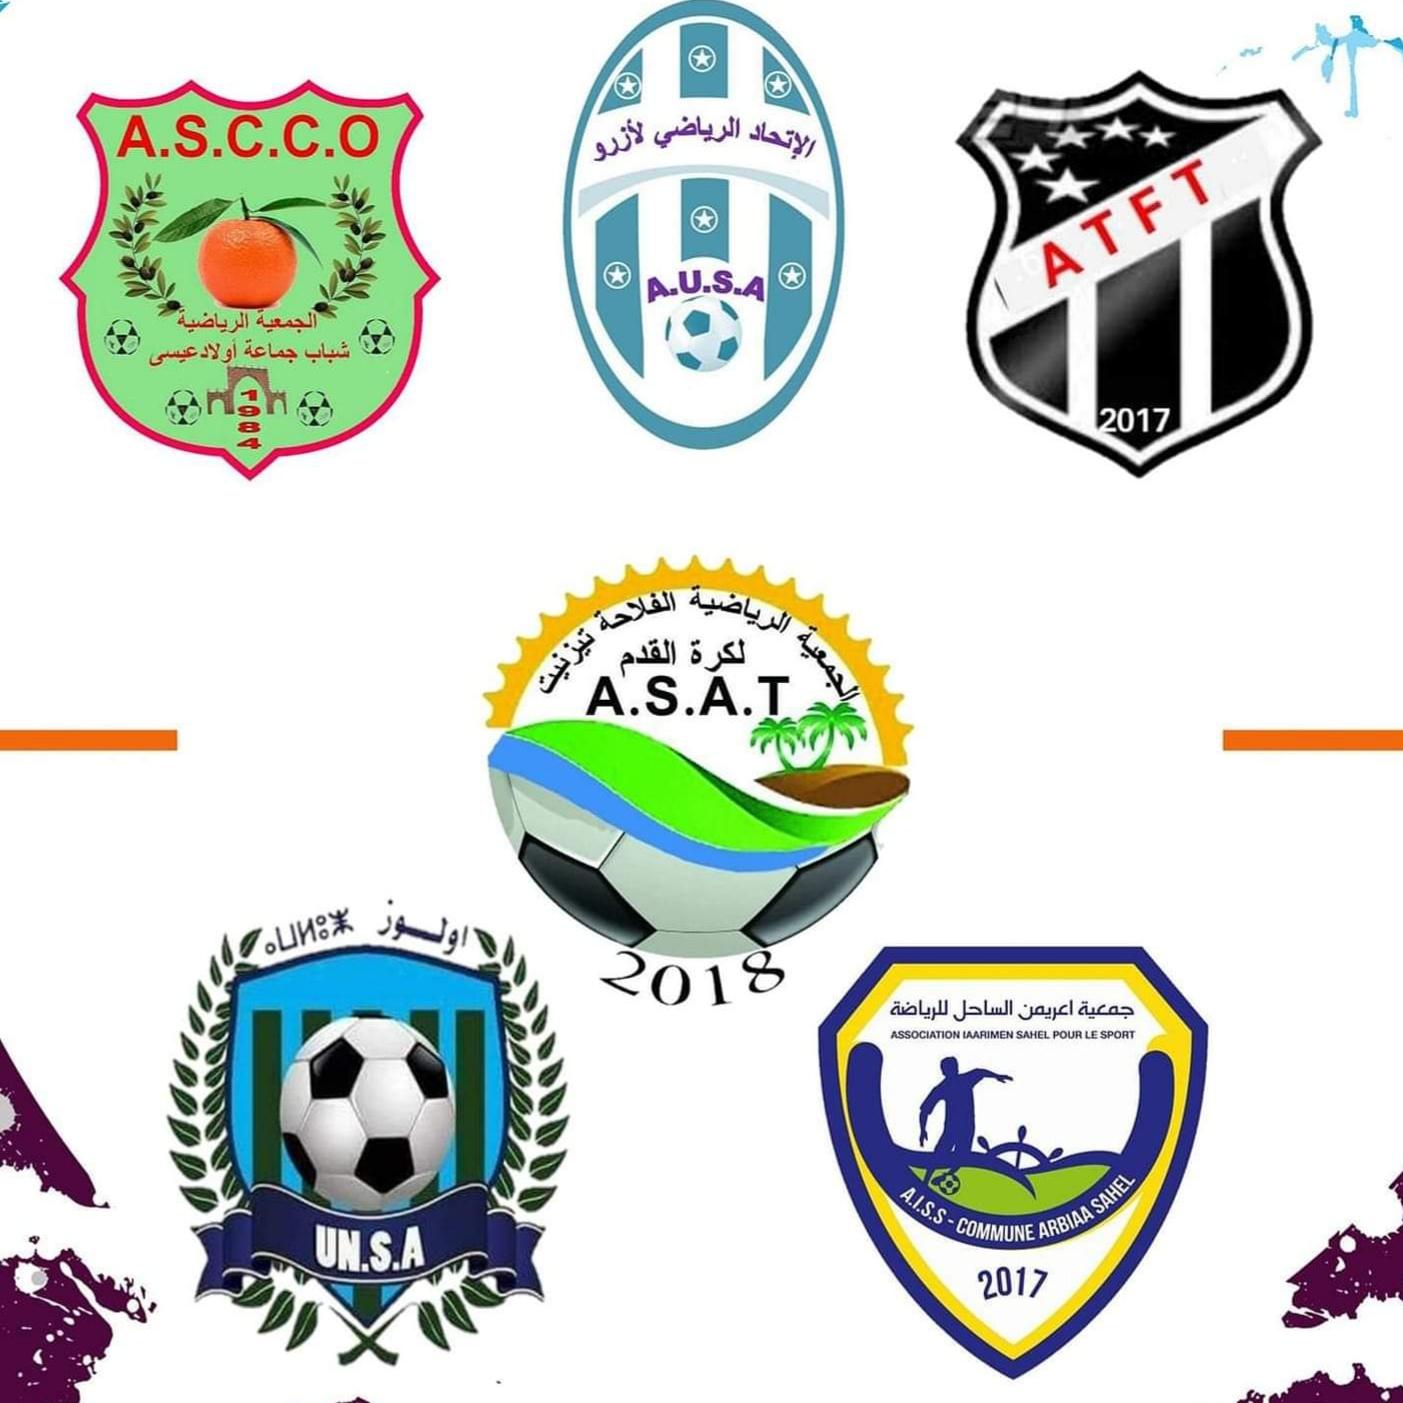 ستة فرق جديدة تلتحق بعصبة سوس لكرة القدم خلال الموسم الحالي